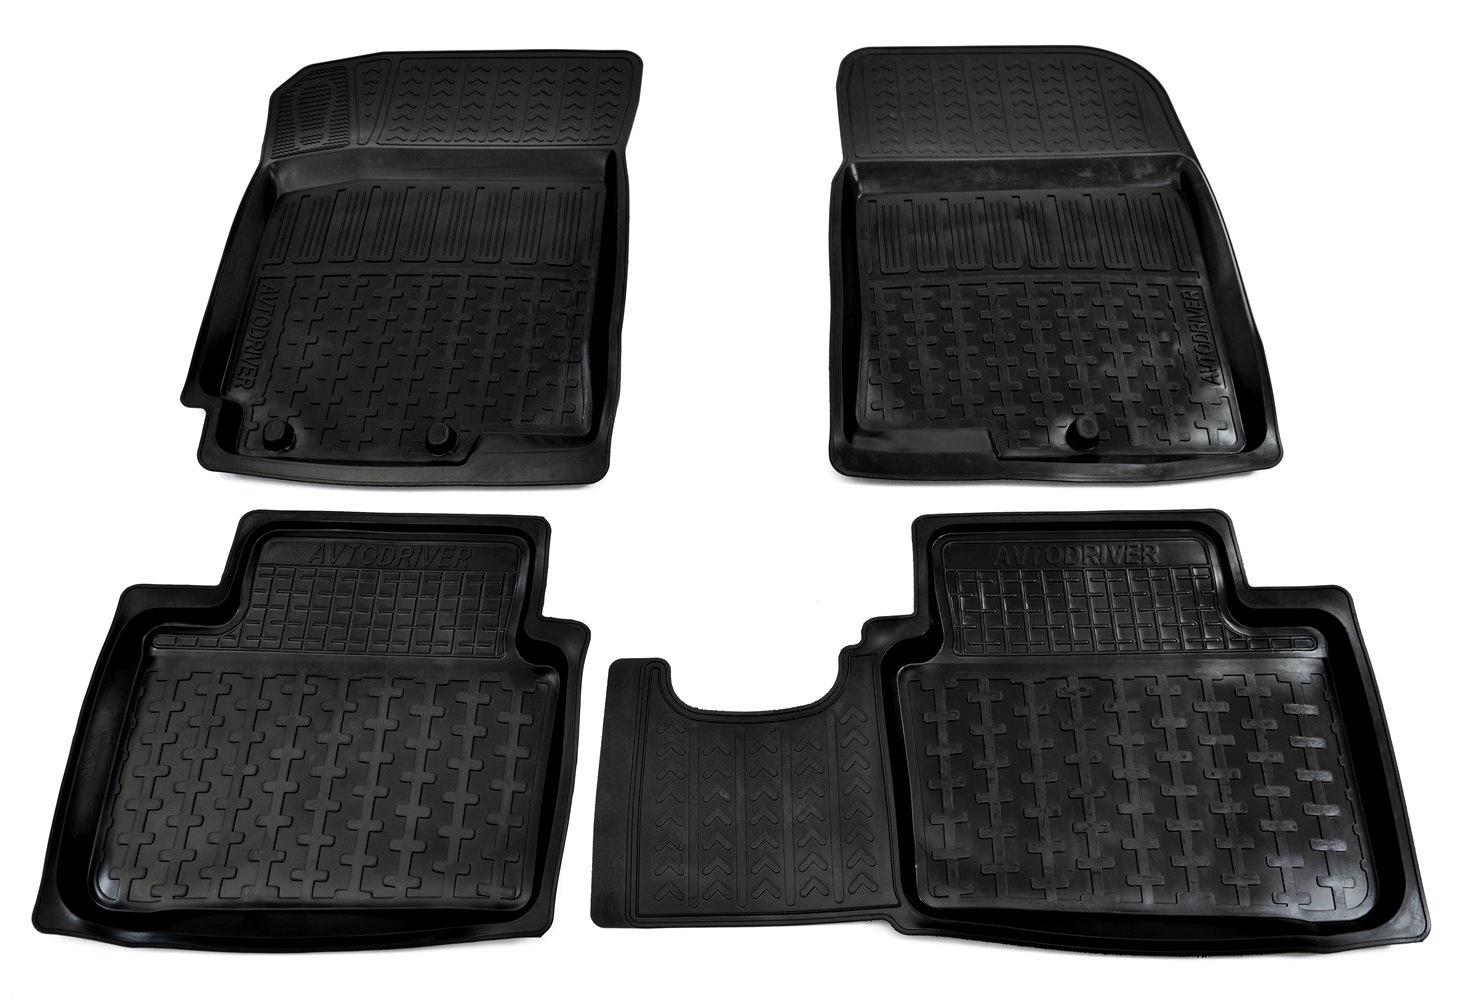 Коврики в салон автомобиля Avtodriver, для Kia Rio, 2011-2017, ADRPRO003, резиновые, с бортиком, черный недорго, оригинальная цена